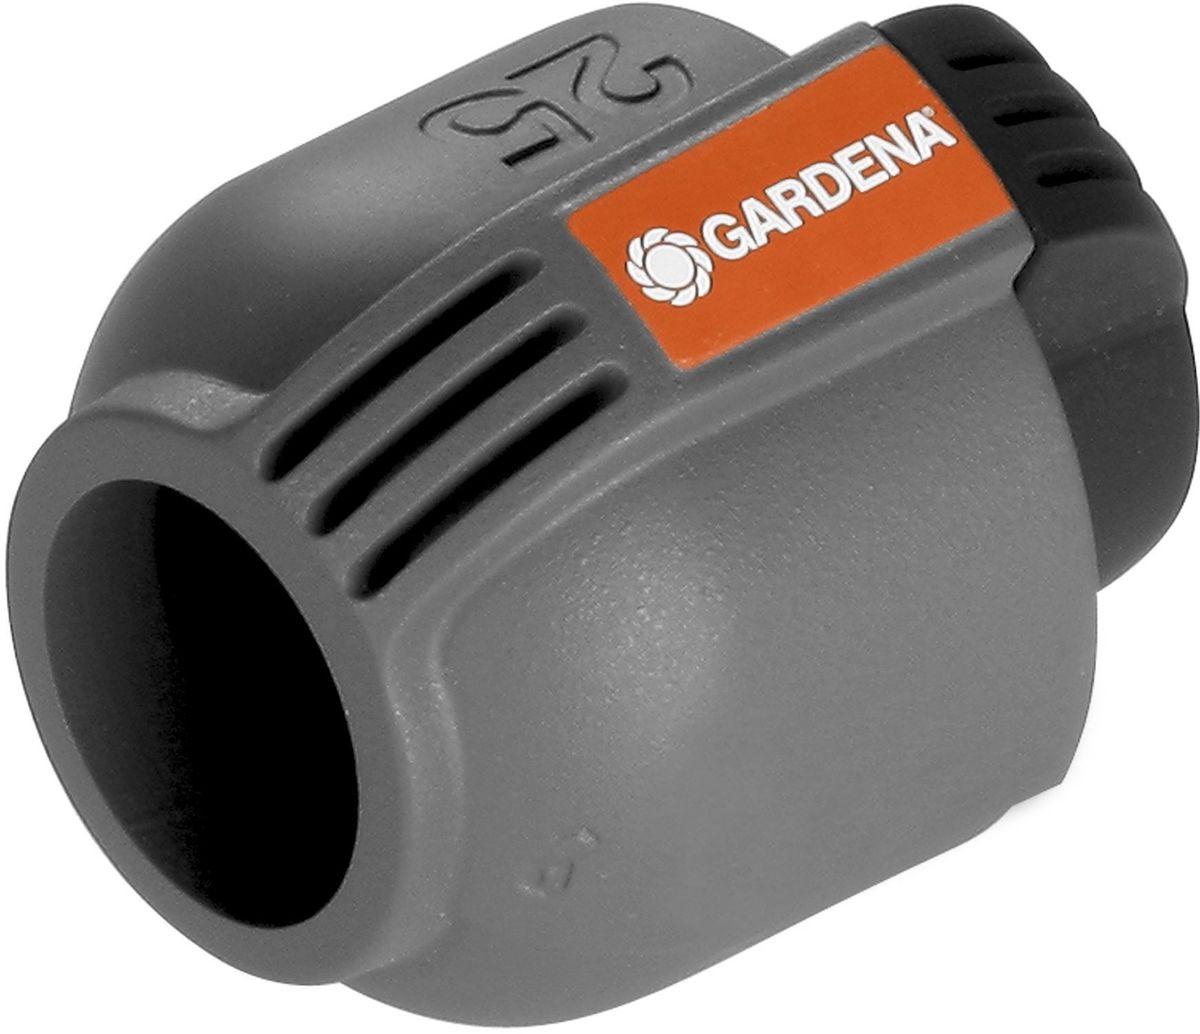 Заглушка Gardena, 25 ммCR-001Пластиковая заглушка Gardena, входящая в систему дождевания Gardena Sprinklersystem, предназначена для безопасного замыкания подающего шланга. Благодаря запатентованной технологии простого соединения Quick & Easy, соединение/разъединение труб осуществляется без инструментов, простым поворотом резьбового фитинга на 140°.